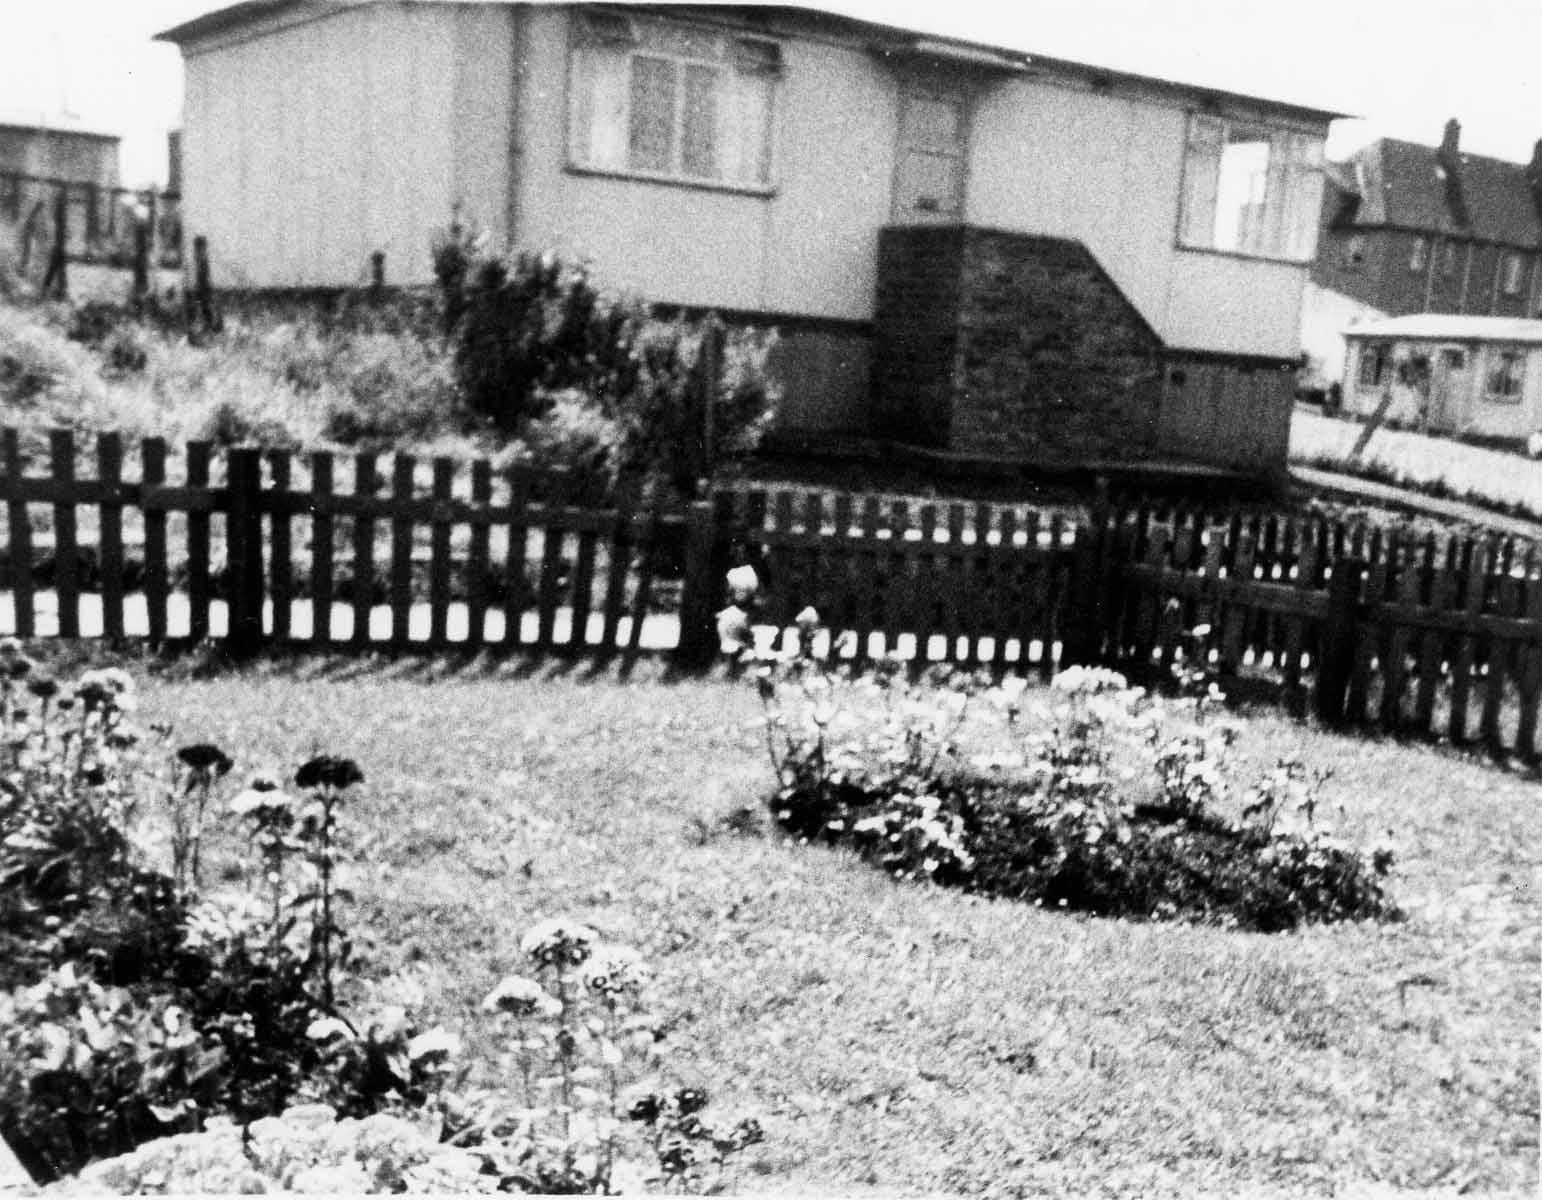 Prefab House 1950s